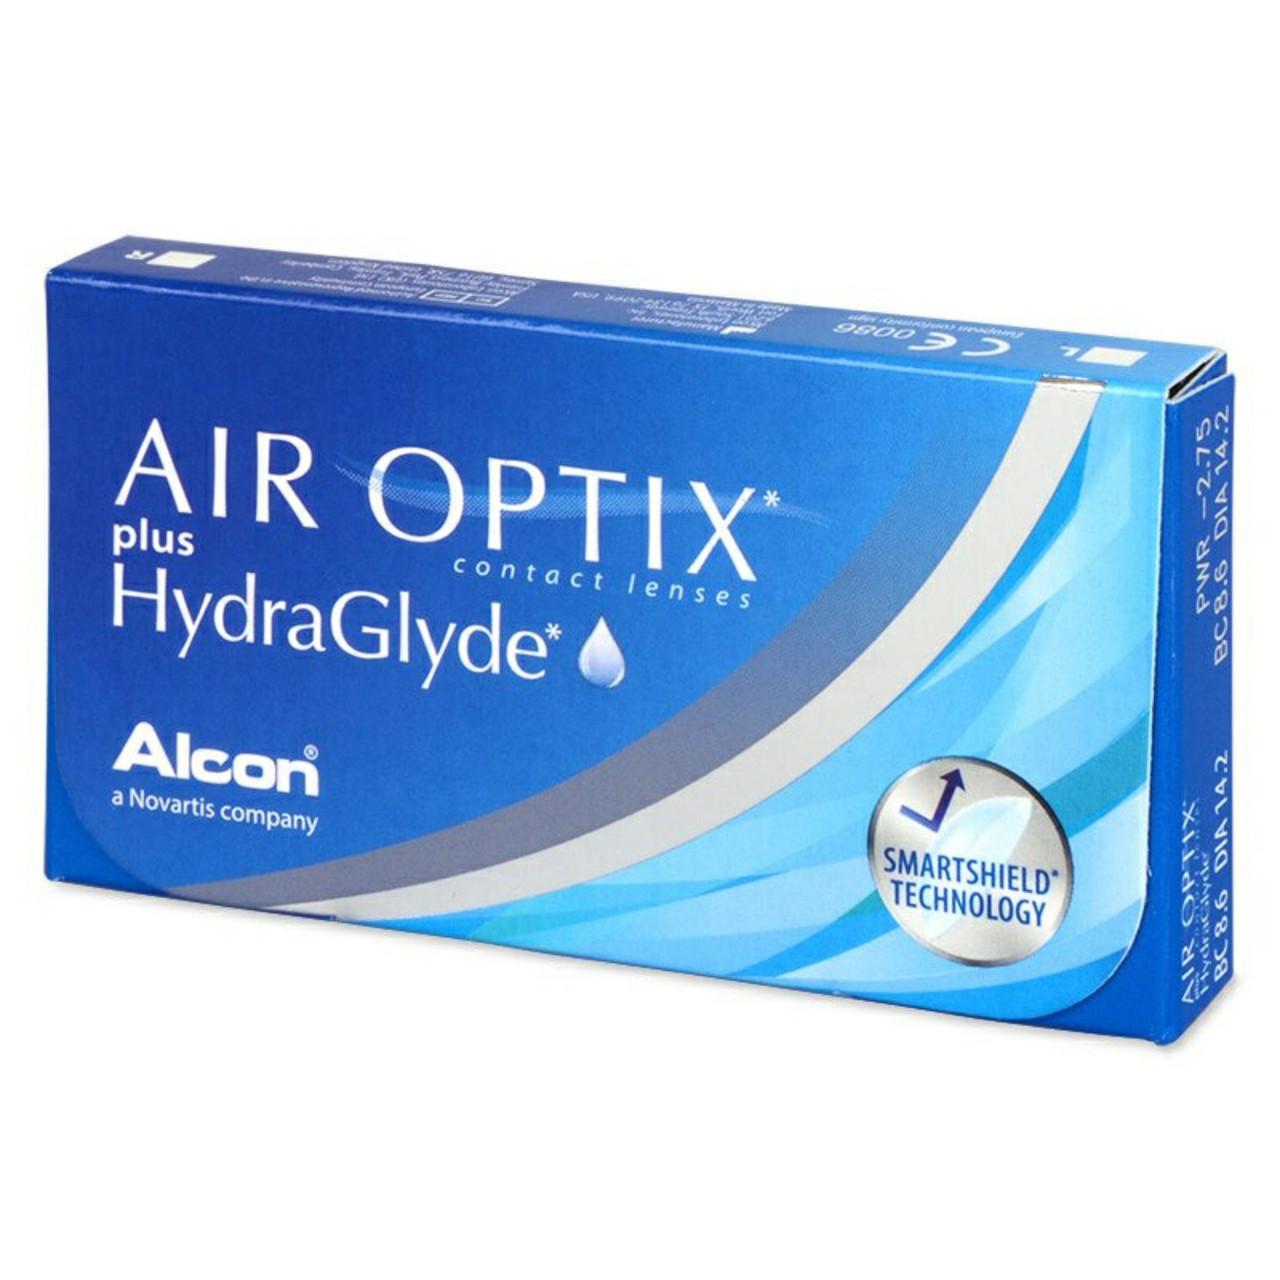 Контактные линзы +5,25 Air Optix plus HydraGlyde